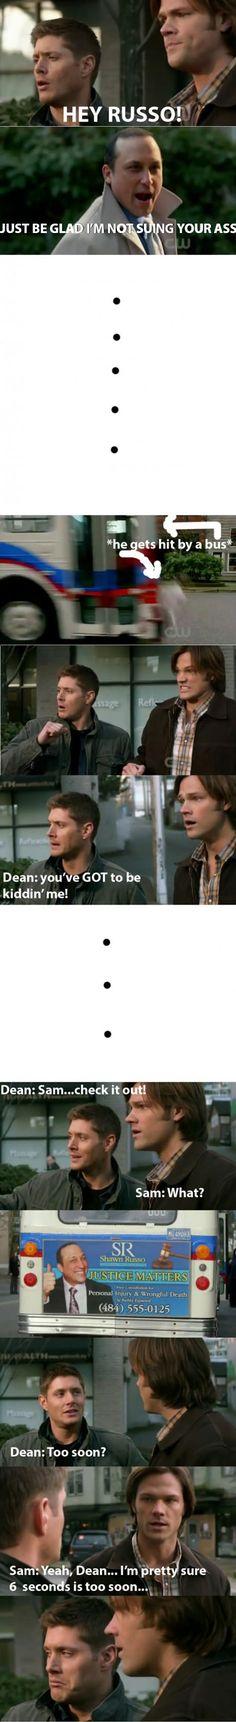 Too soon Dean…